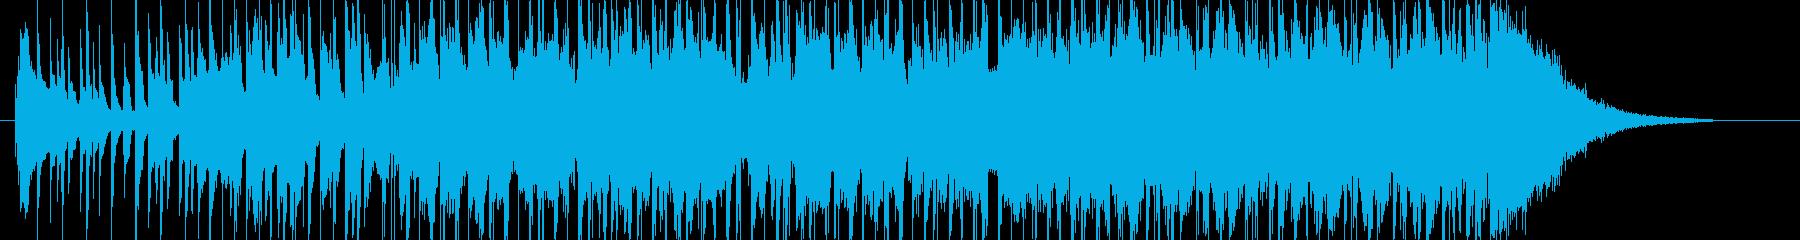 木琴が可愛いHAPPYでポップなBGMの再生済みの波形